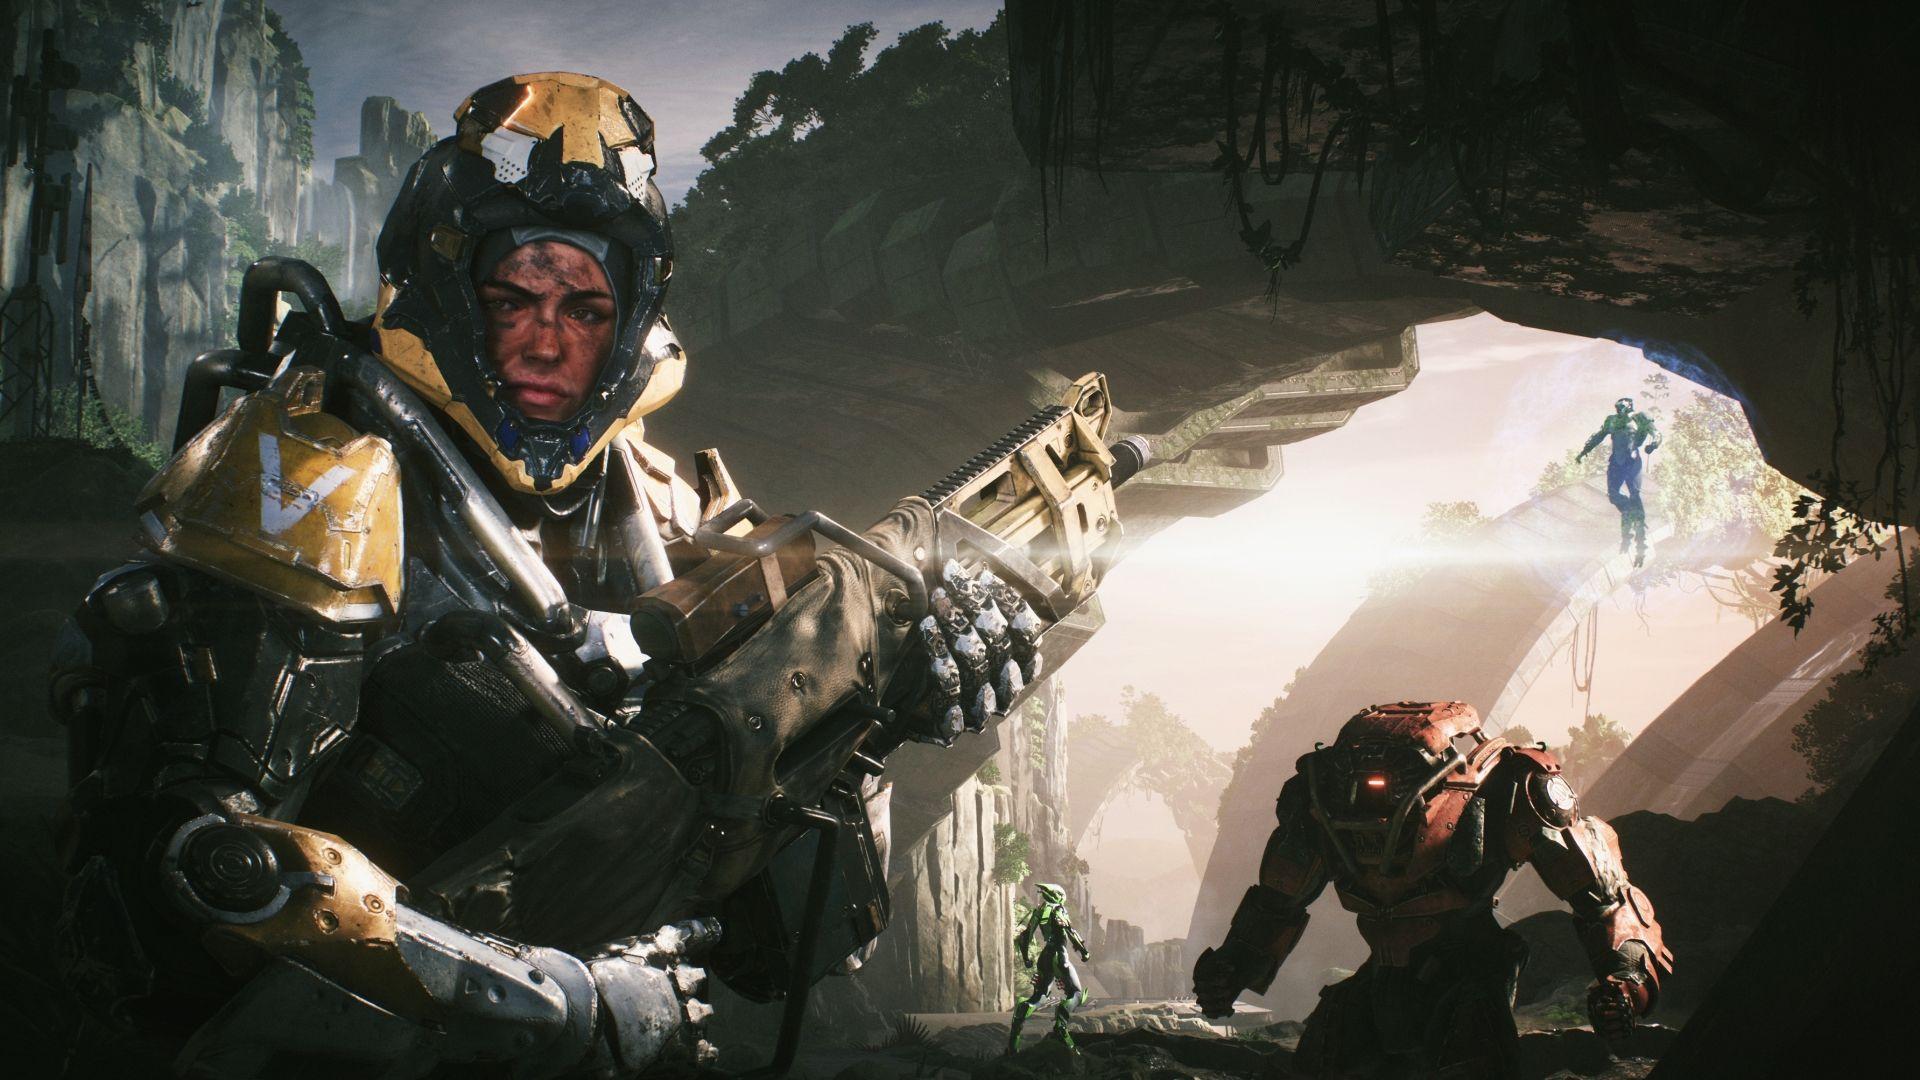 В Anthem нашли сообщение, намекающее на проблемы с разработкой игры